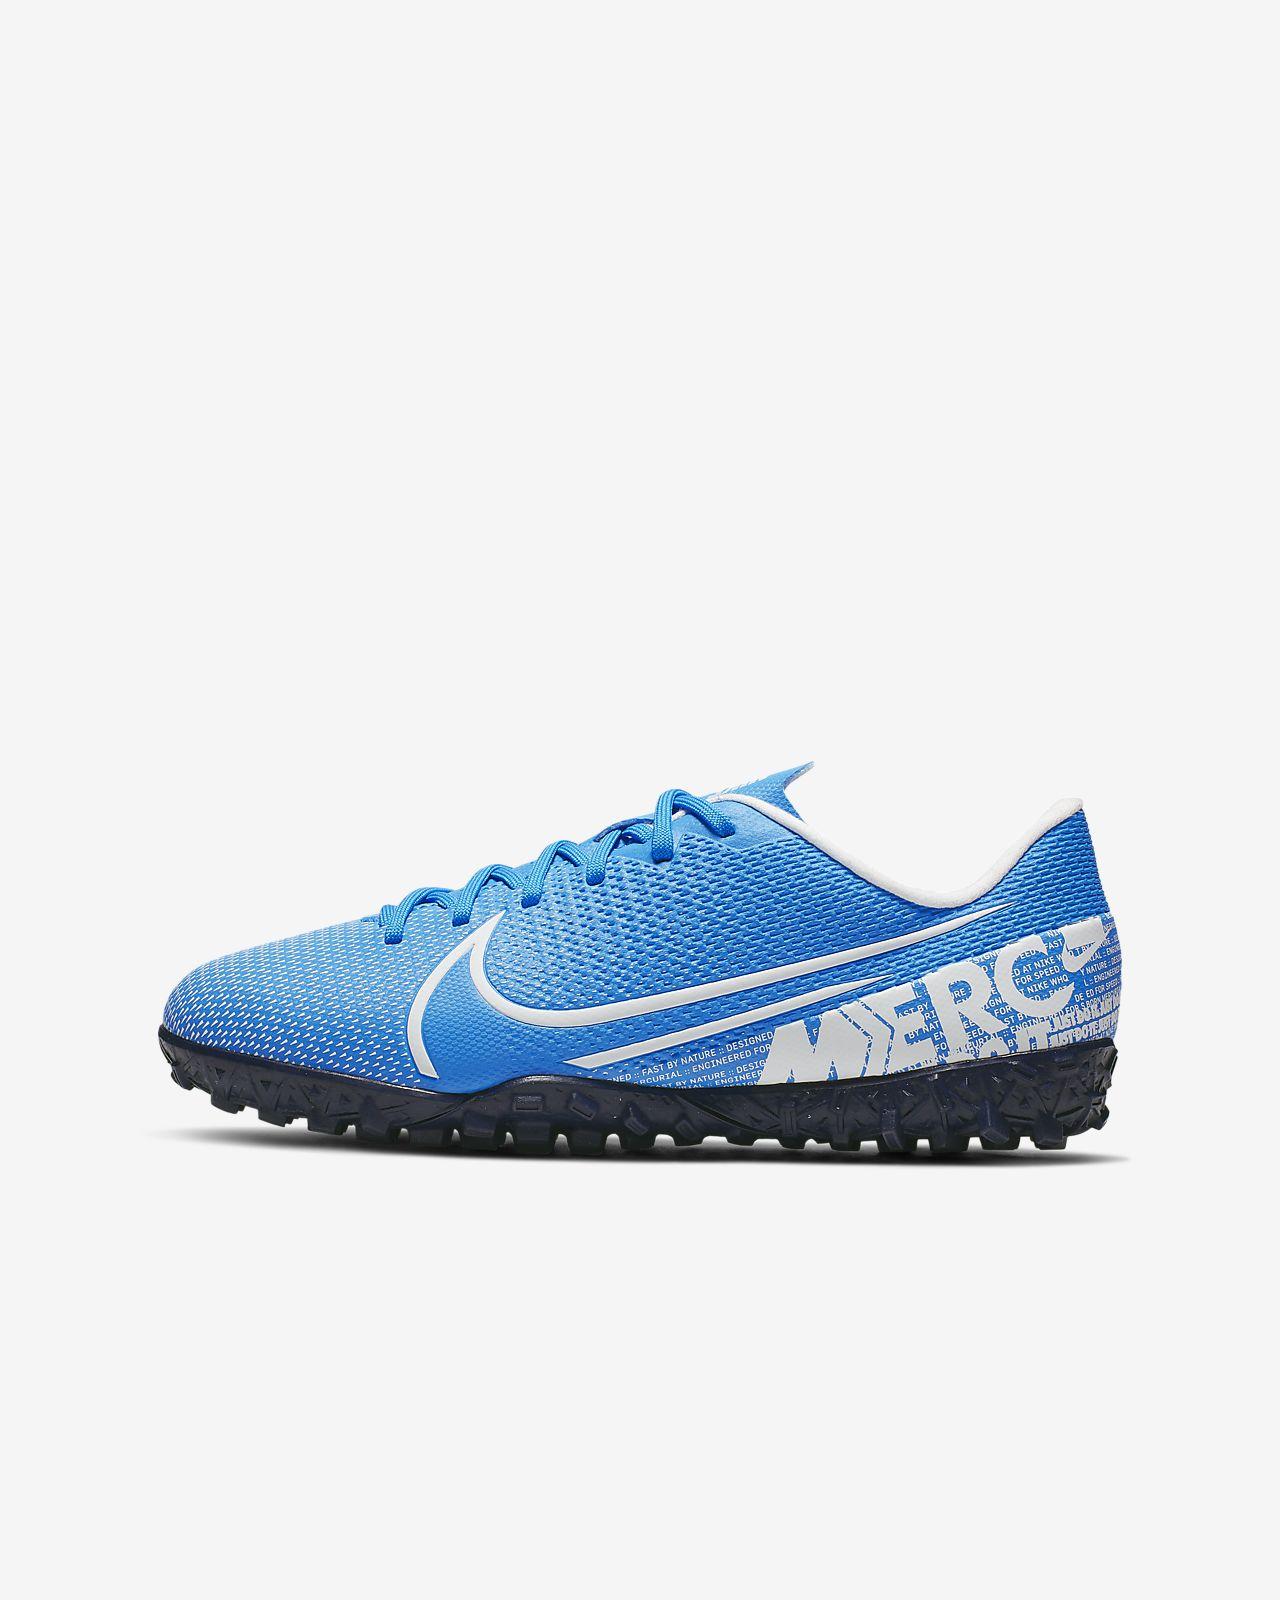 Chaussure de football pour surface synthétique Nike Jr. Mercurial Vapor 13 Academy TF pour Jeune enfant/Enfant plus âgé